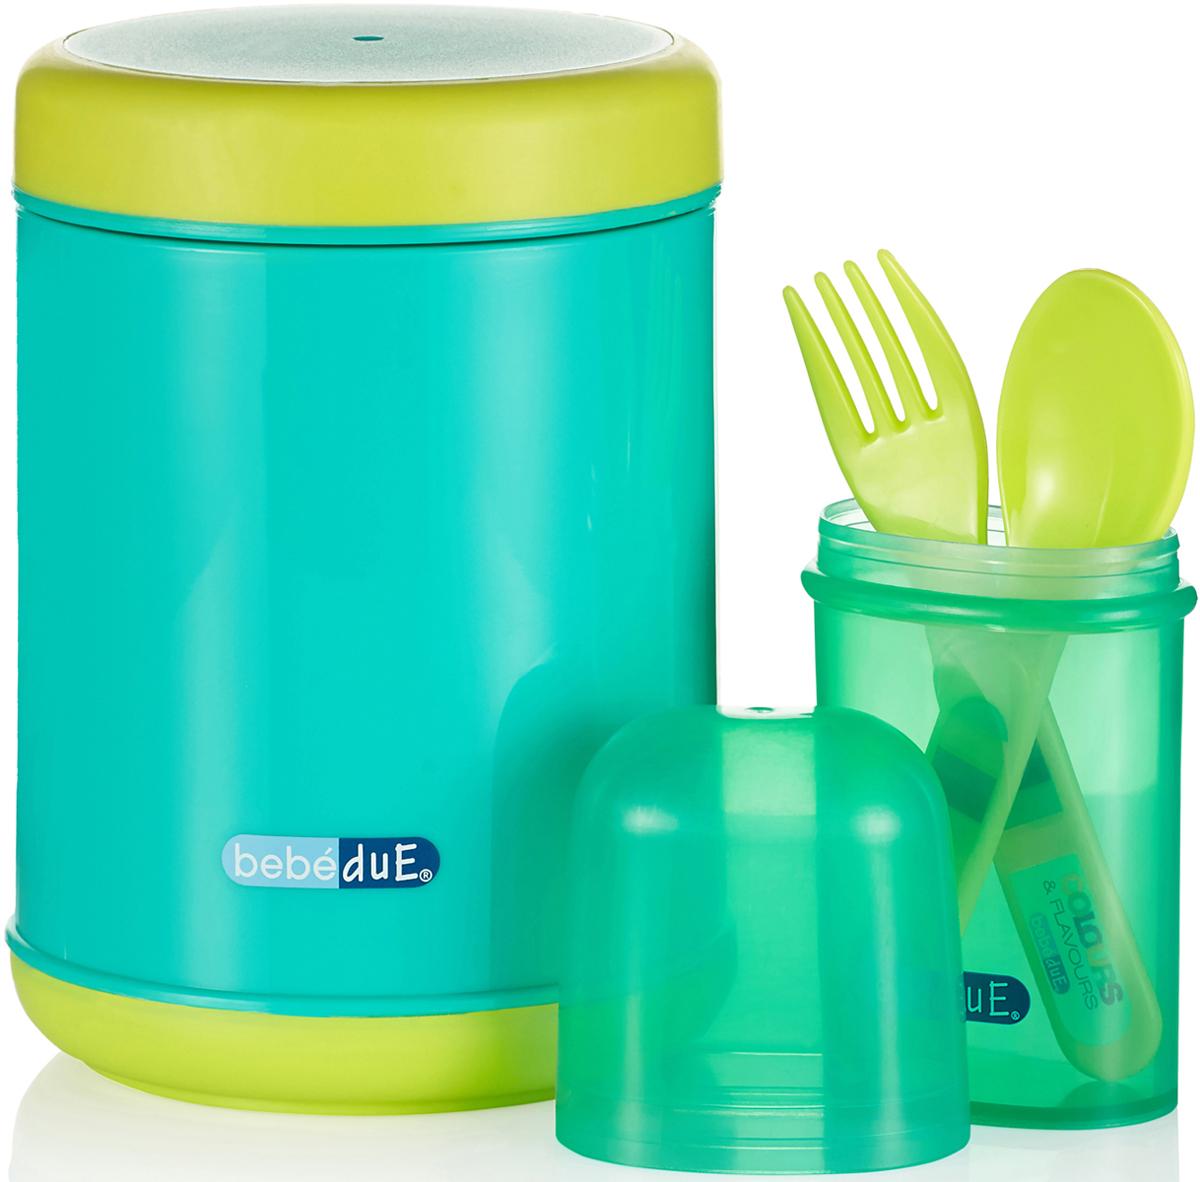 Bebe Due Набор для кормления 500 мл бирюзовый салатовый - Все для детского кормления